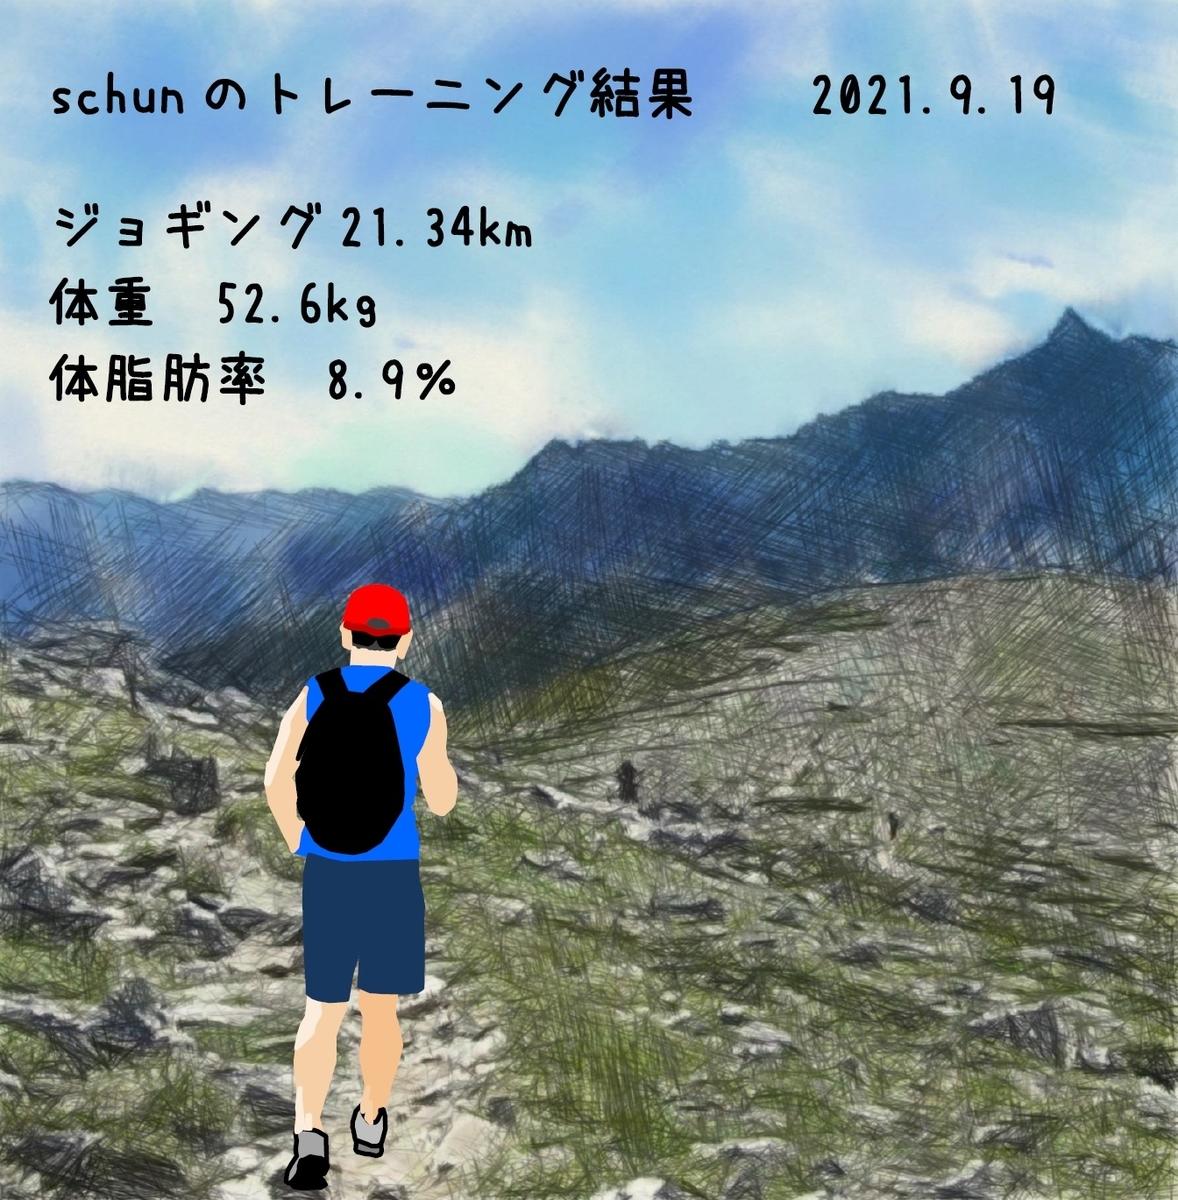 f:id:schunchi2007:20210919210533j:plain